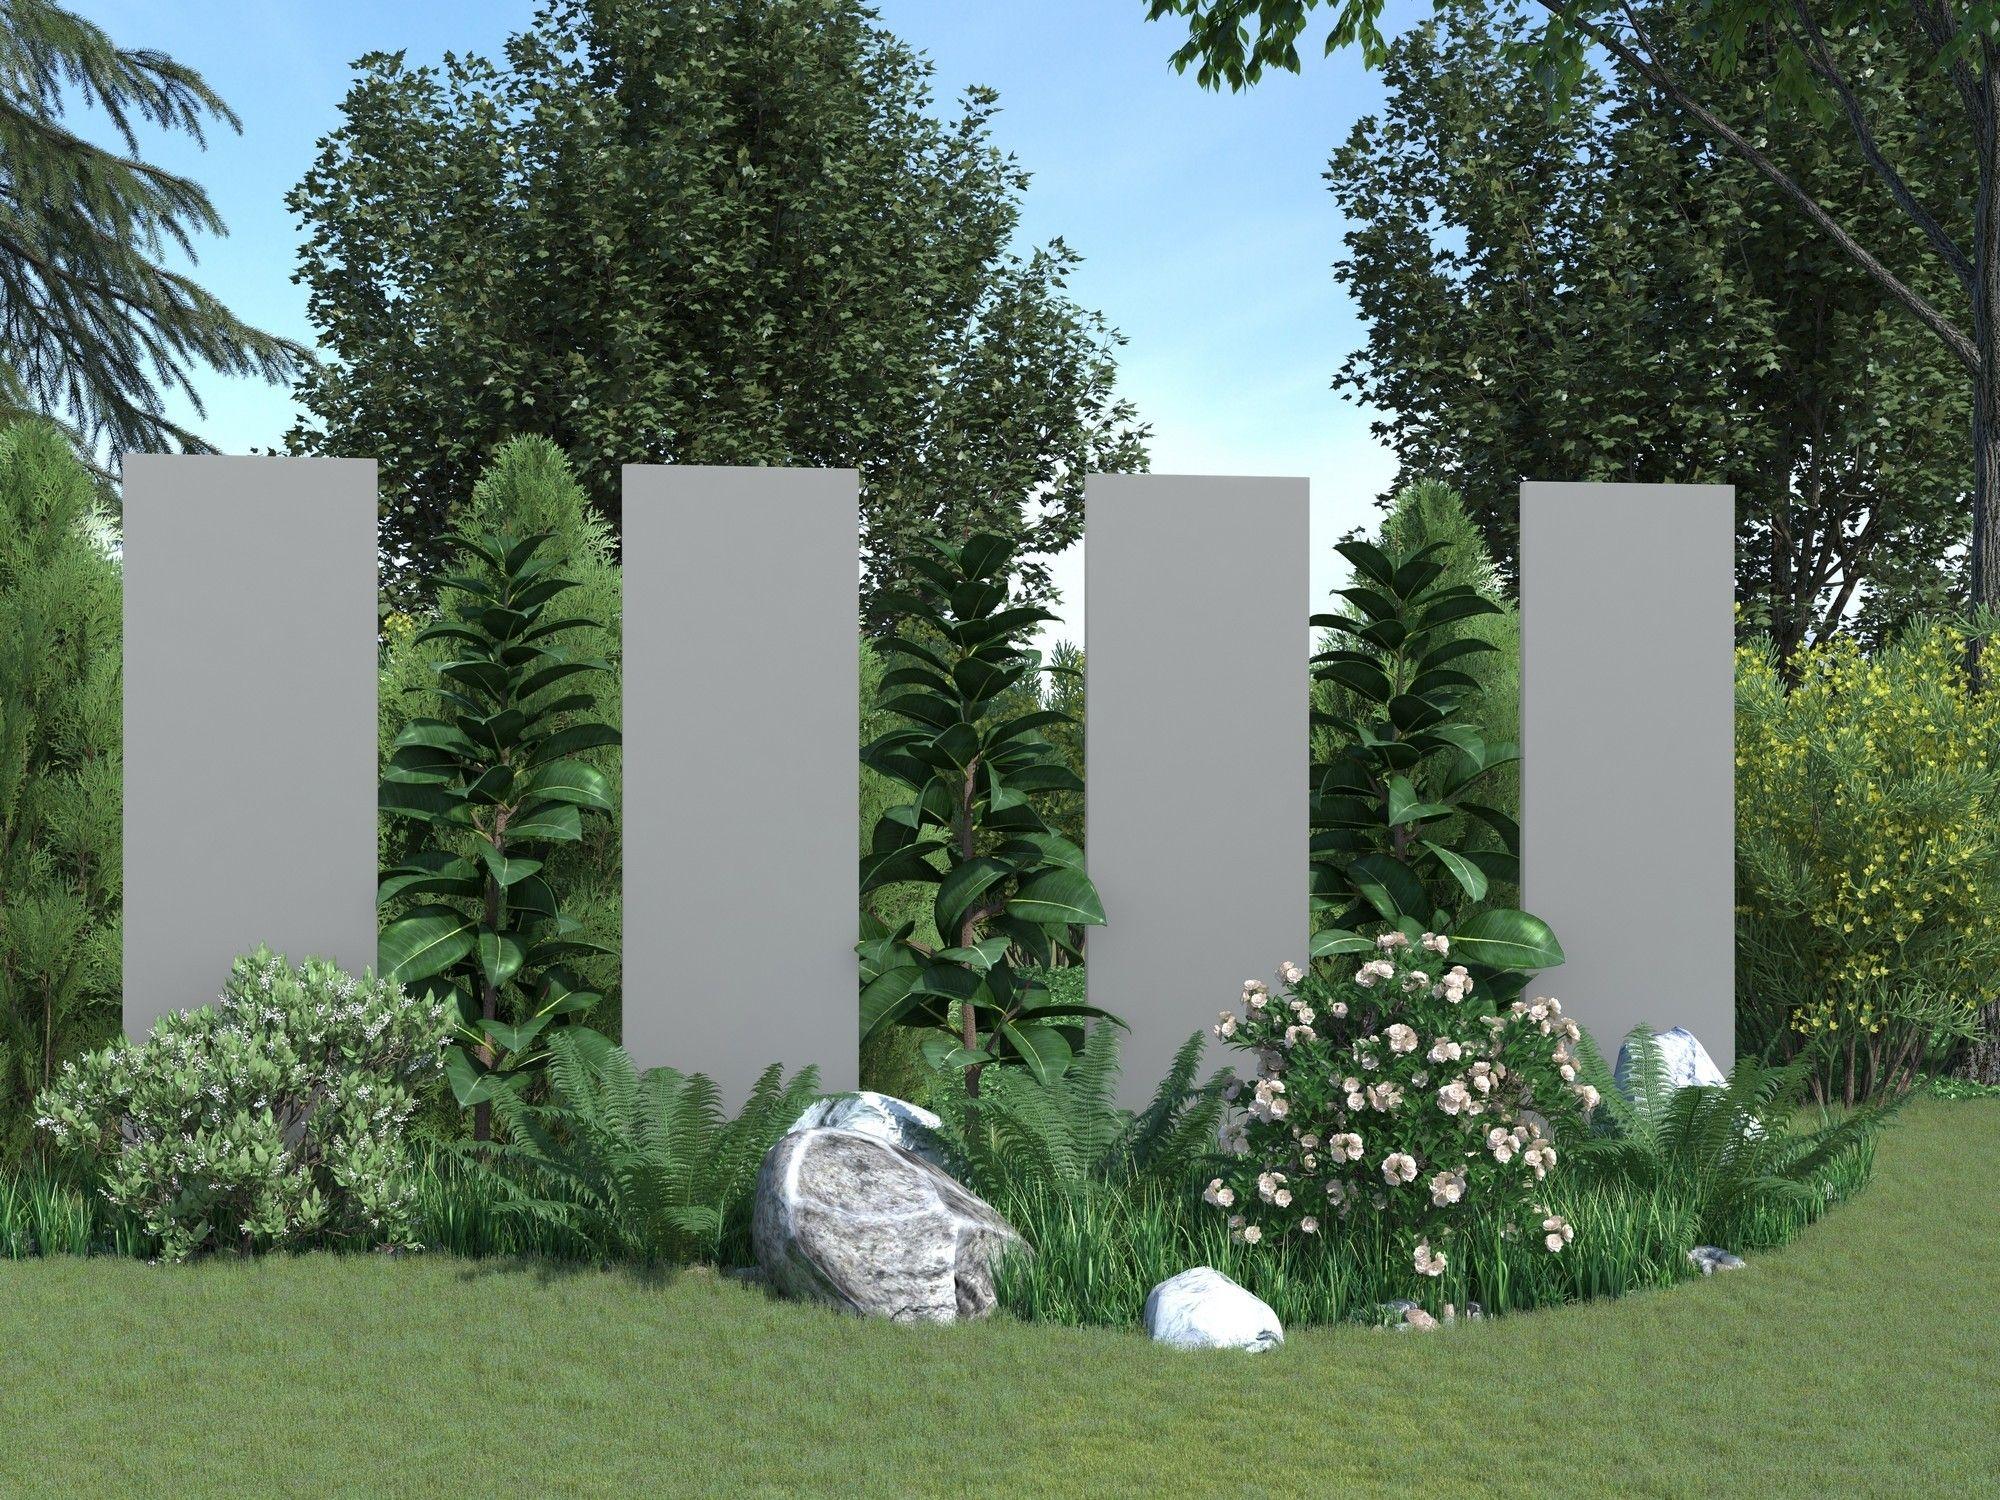 Kunststoff Designtafel Bayon Design Sichtschutz Kunststoff Sichtschutz Sichtschutz Garten Design Sichtschutzelemente Palisaden